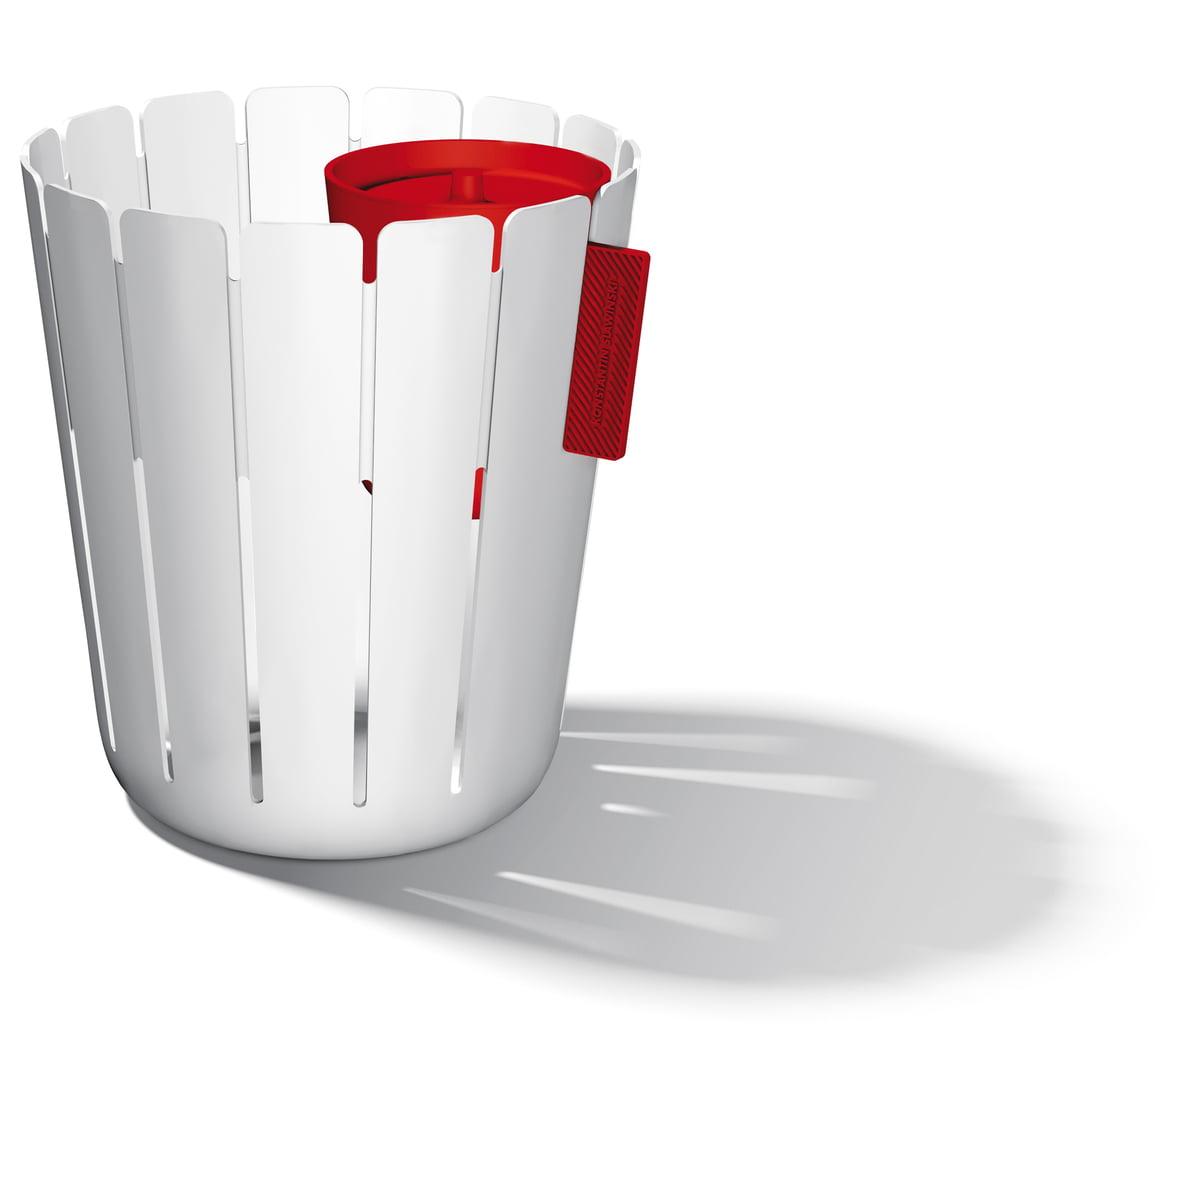 Konstantin Slawinski - SL17 Basketbin Mülleimer-System, weiß / rot (2 Tlg.) | Küche und Esszimmer > Küchen-Zubehör > Mülleimer | Konstantin Slawinski